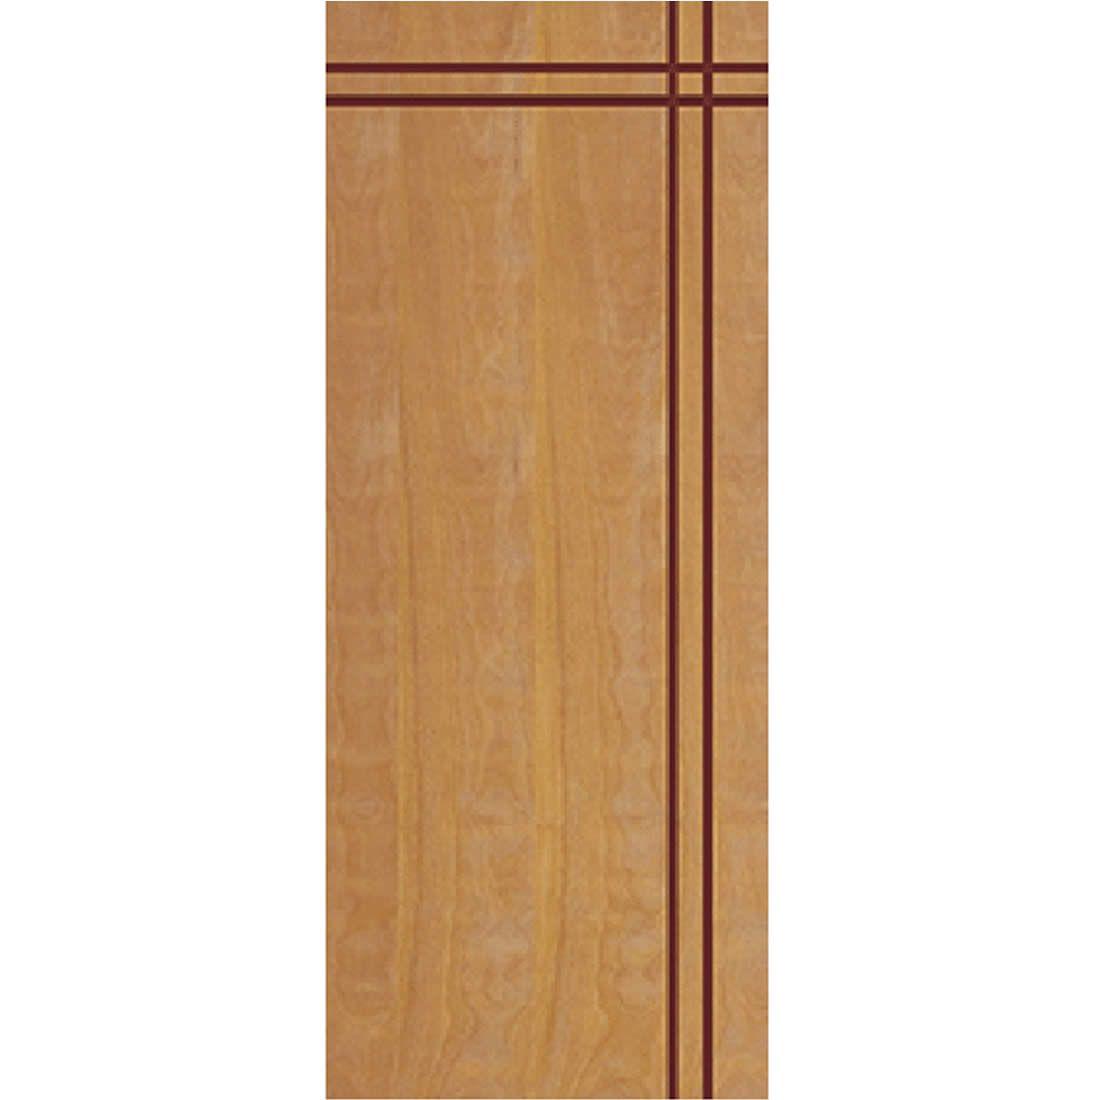 Porta 2,10 x 0,80m em Madeira Curupixa Semi Sólida Modelo 03 Frisada JB Paes